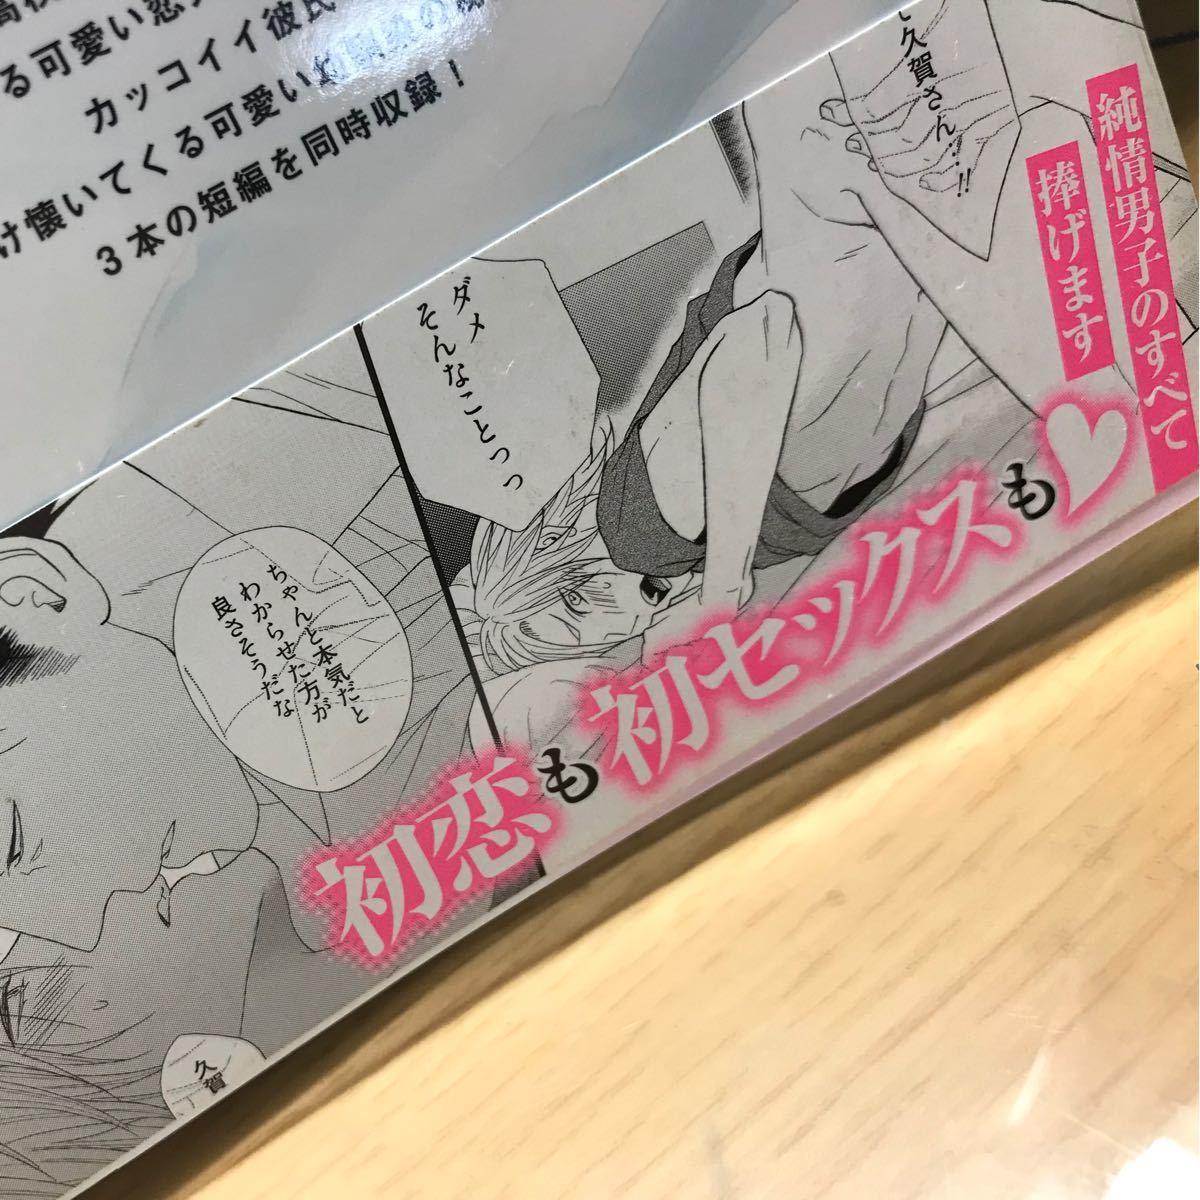 これが恋! BL 漫画 神田猫 腐本 comic